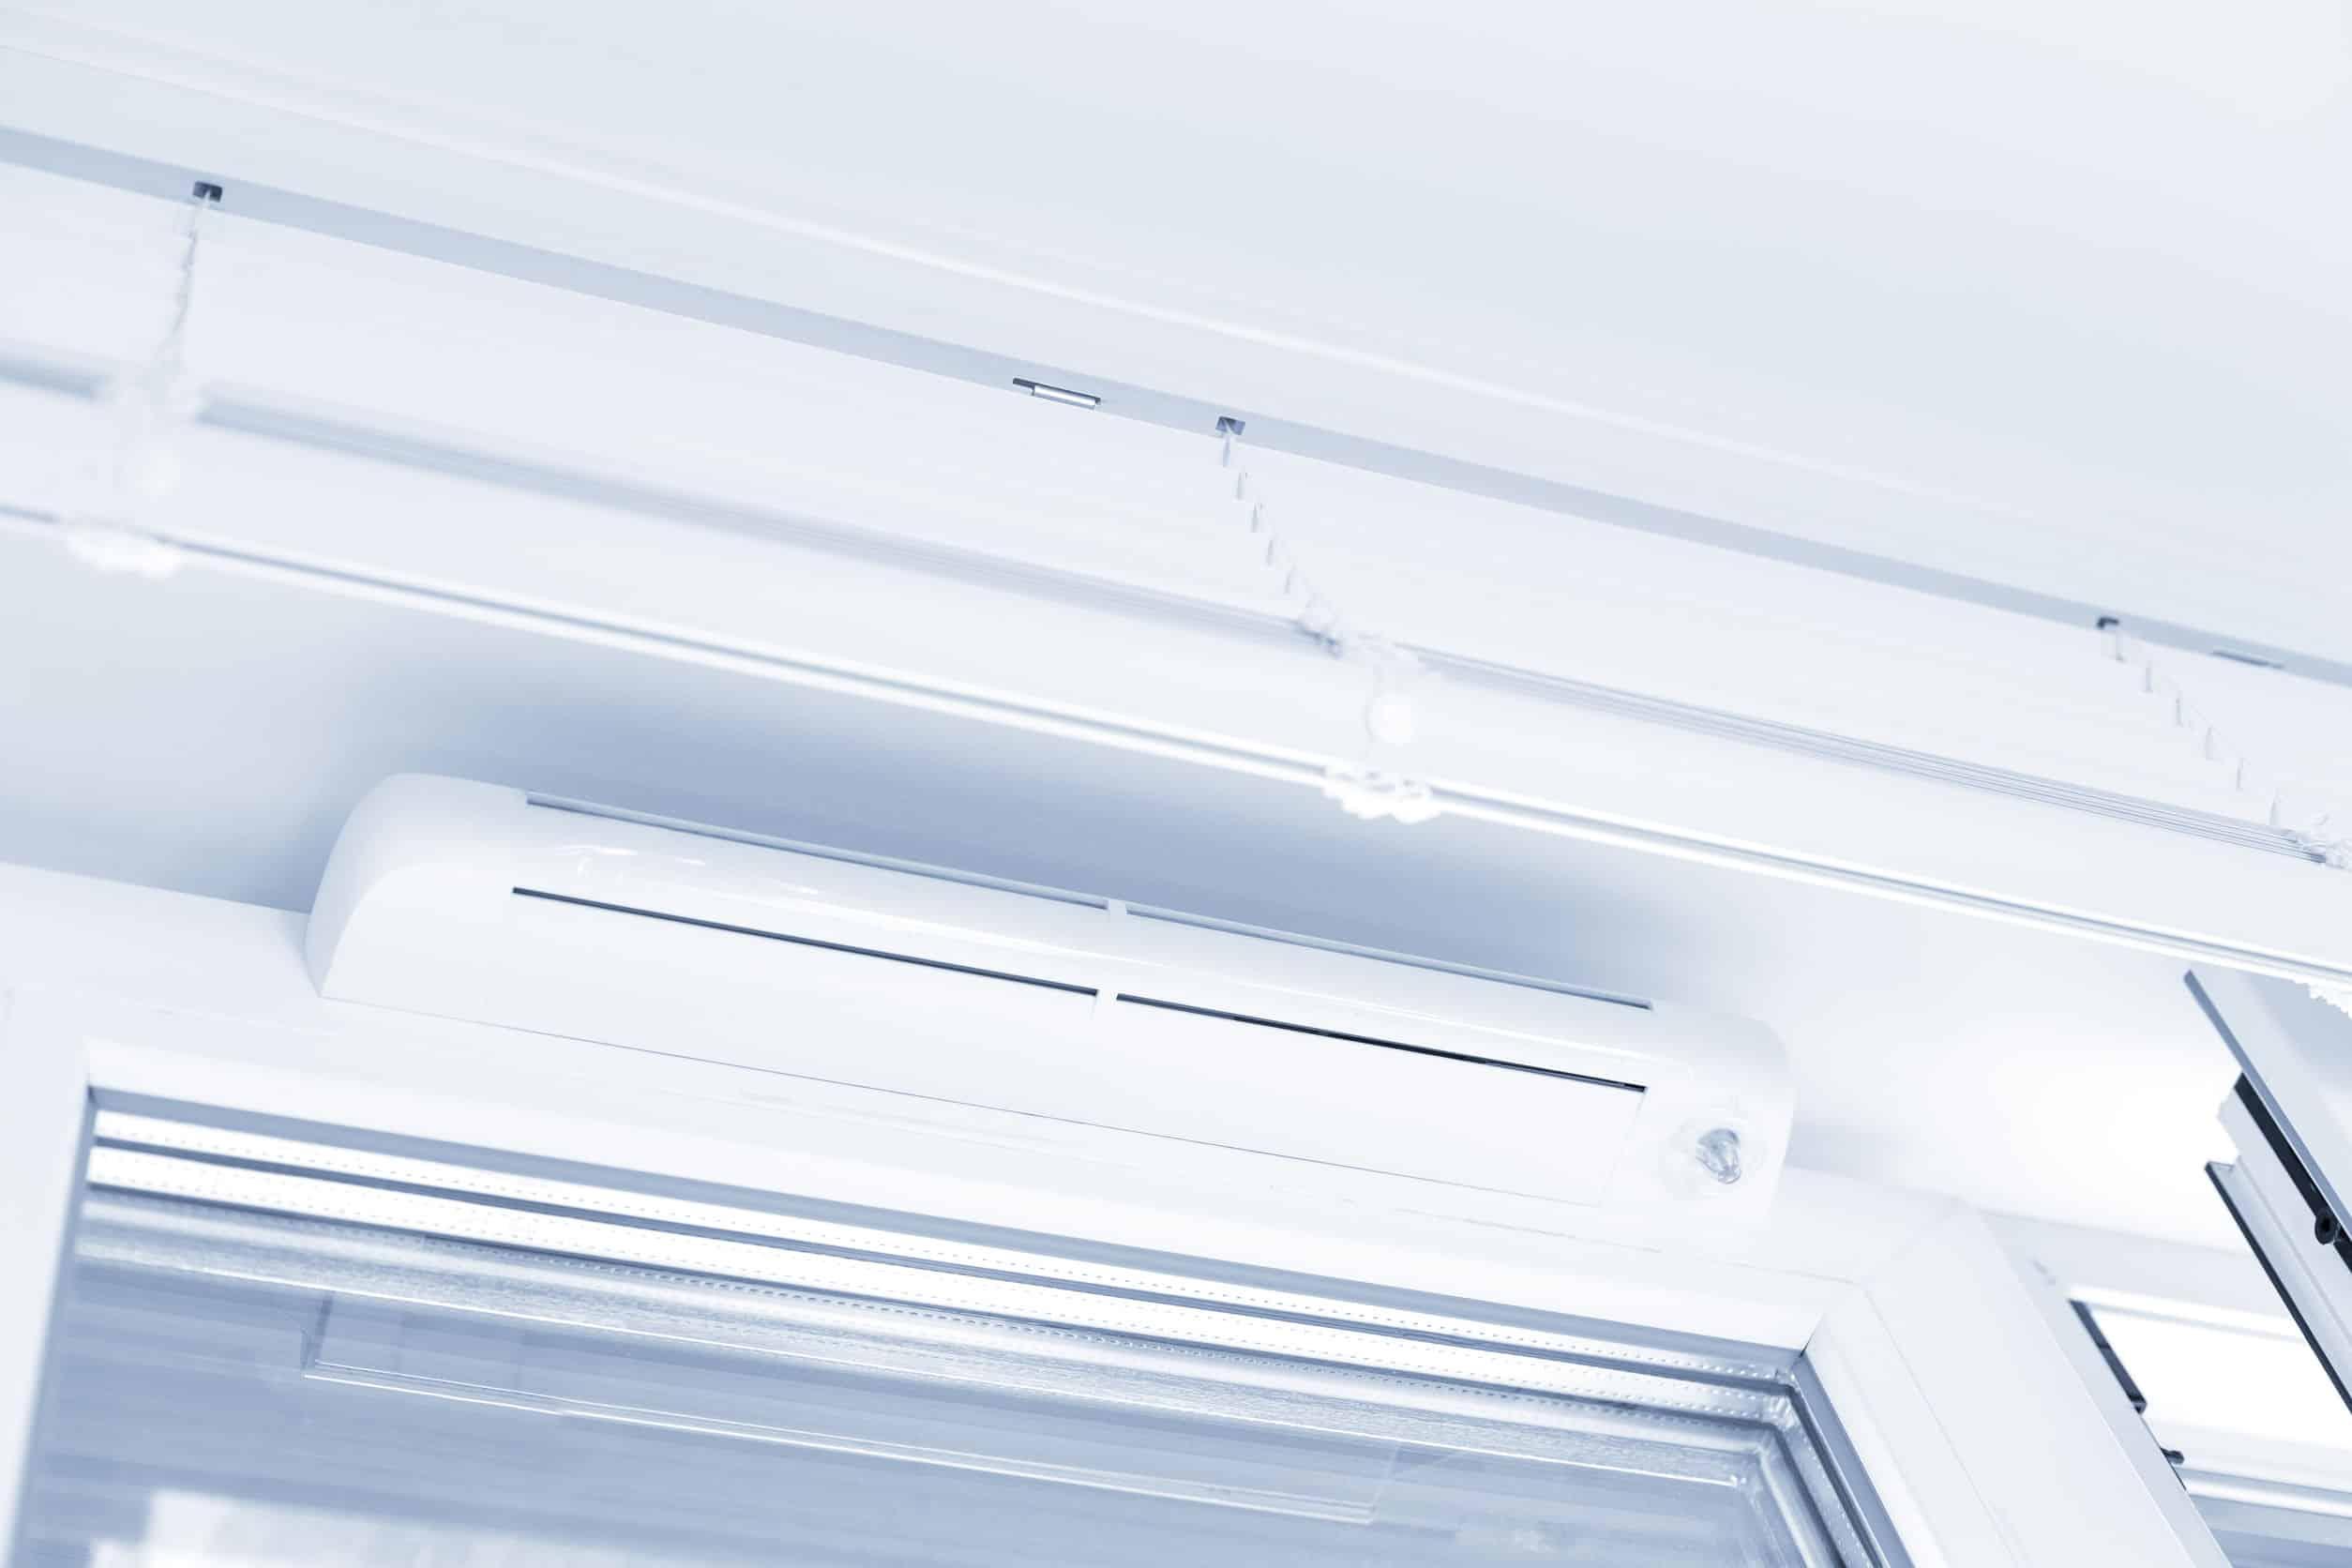 Imagem mostra uma cortina de ar acima de uma porta.